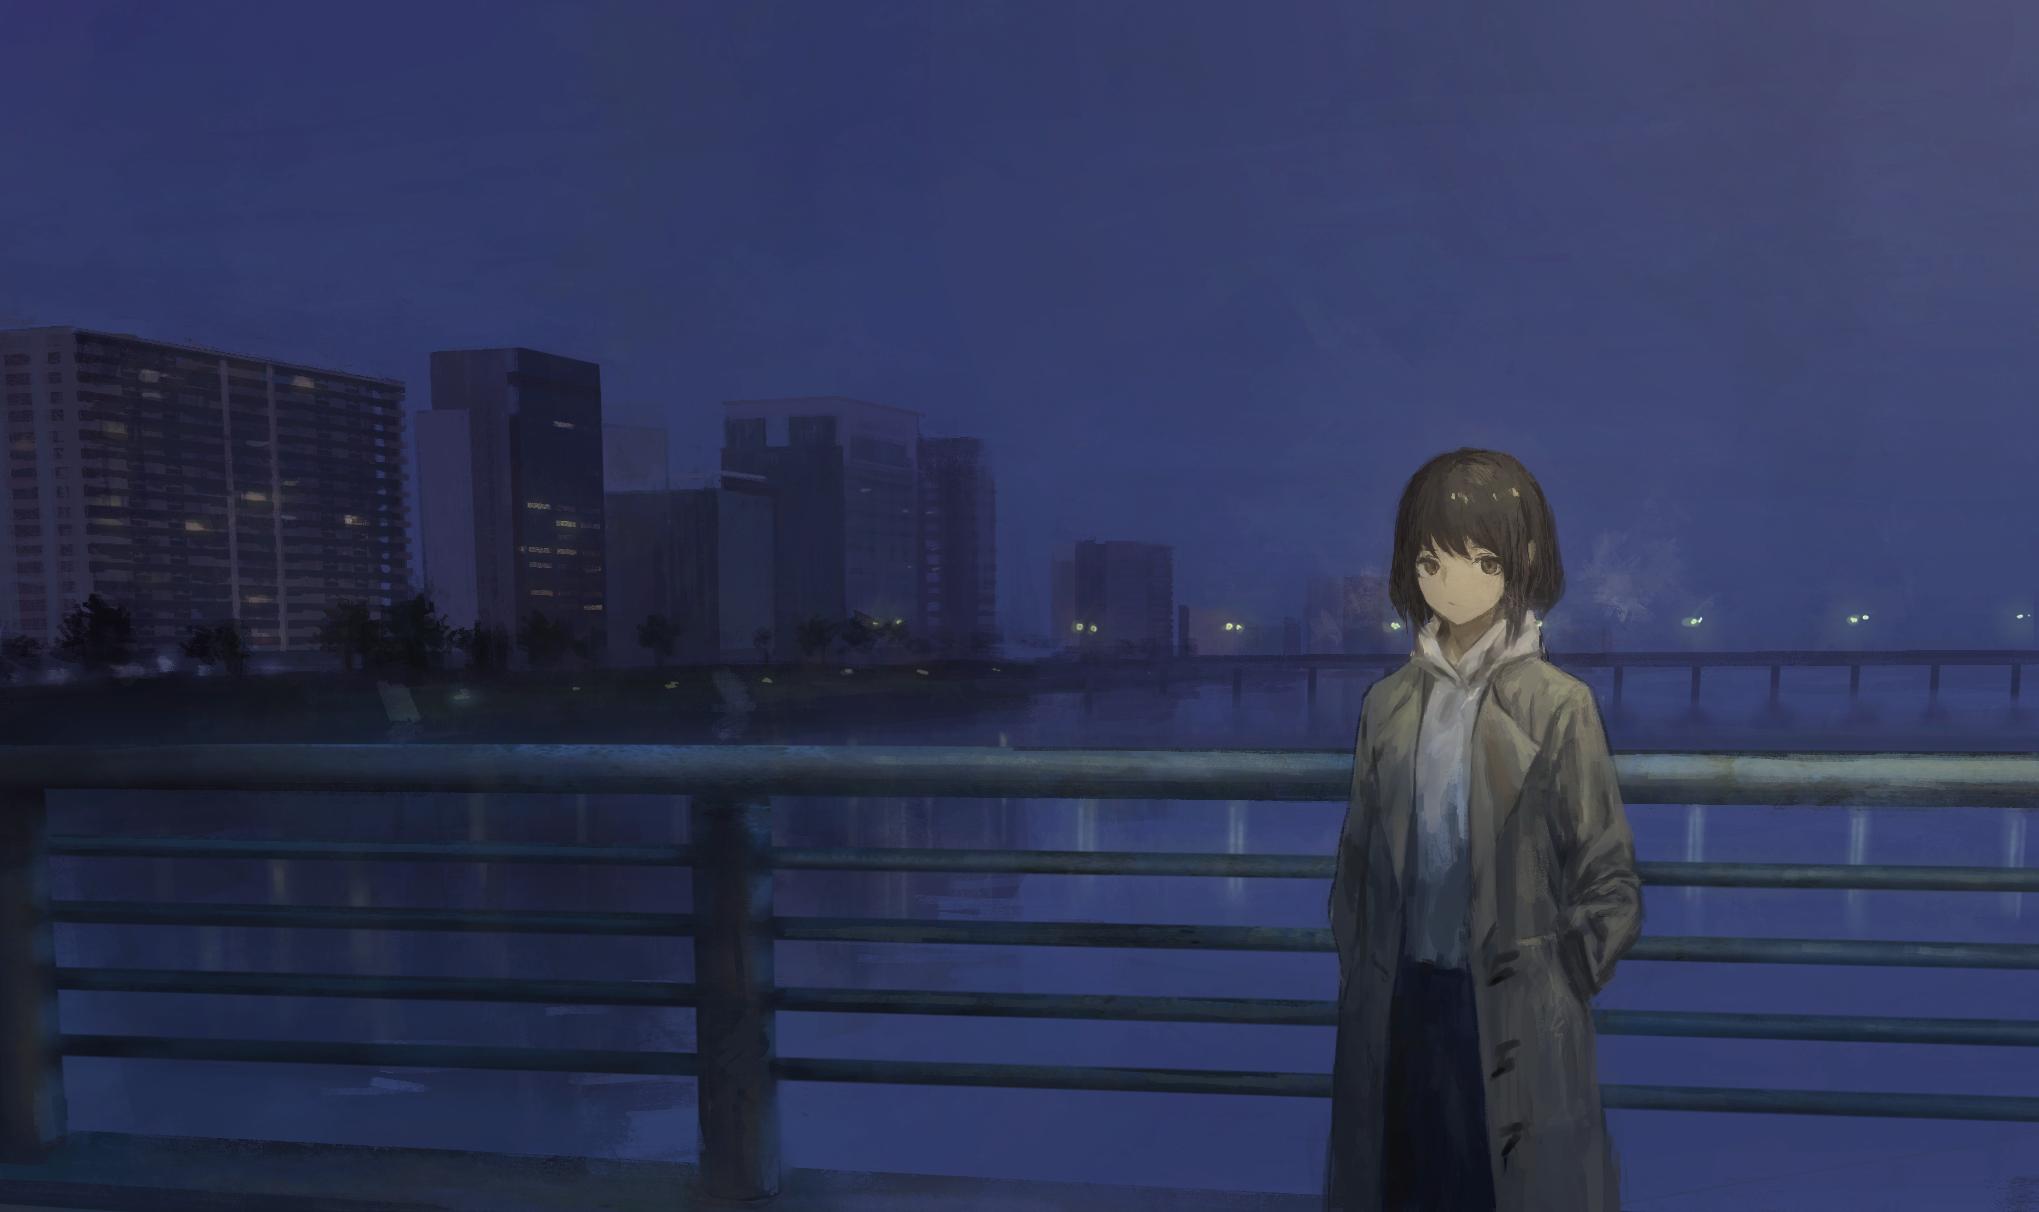 Anime Original 2039x1212